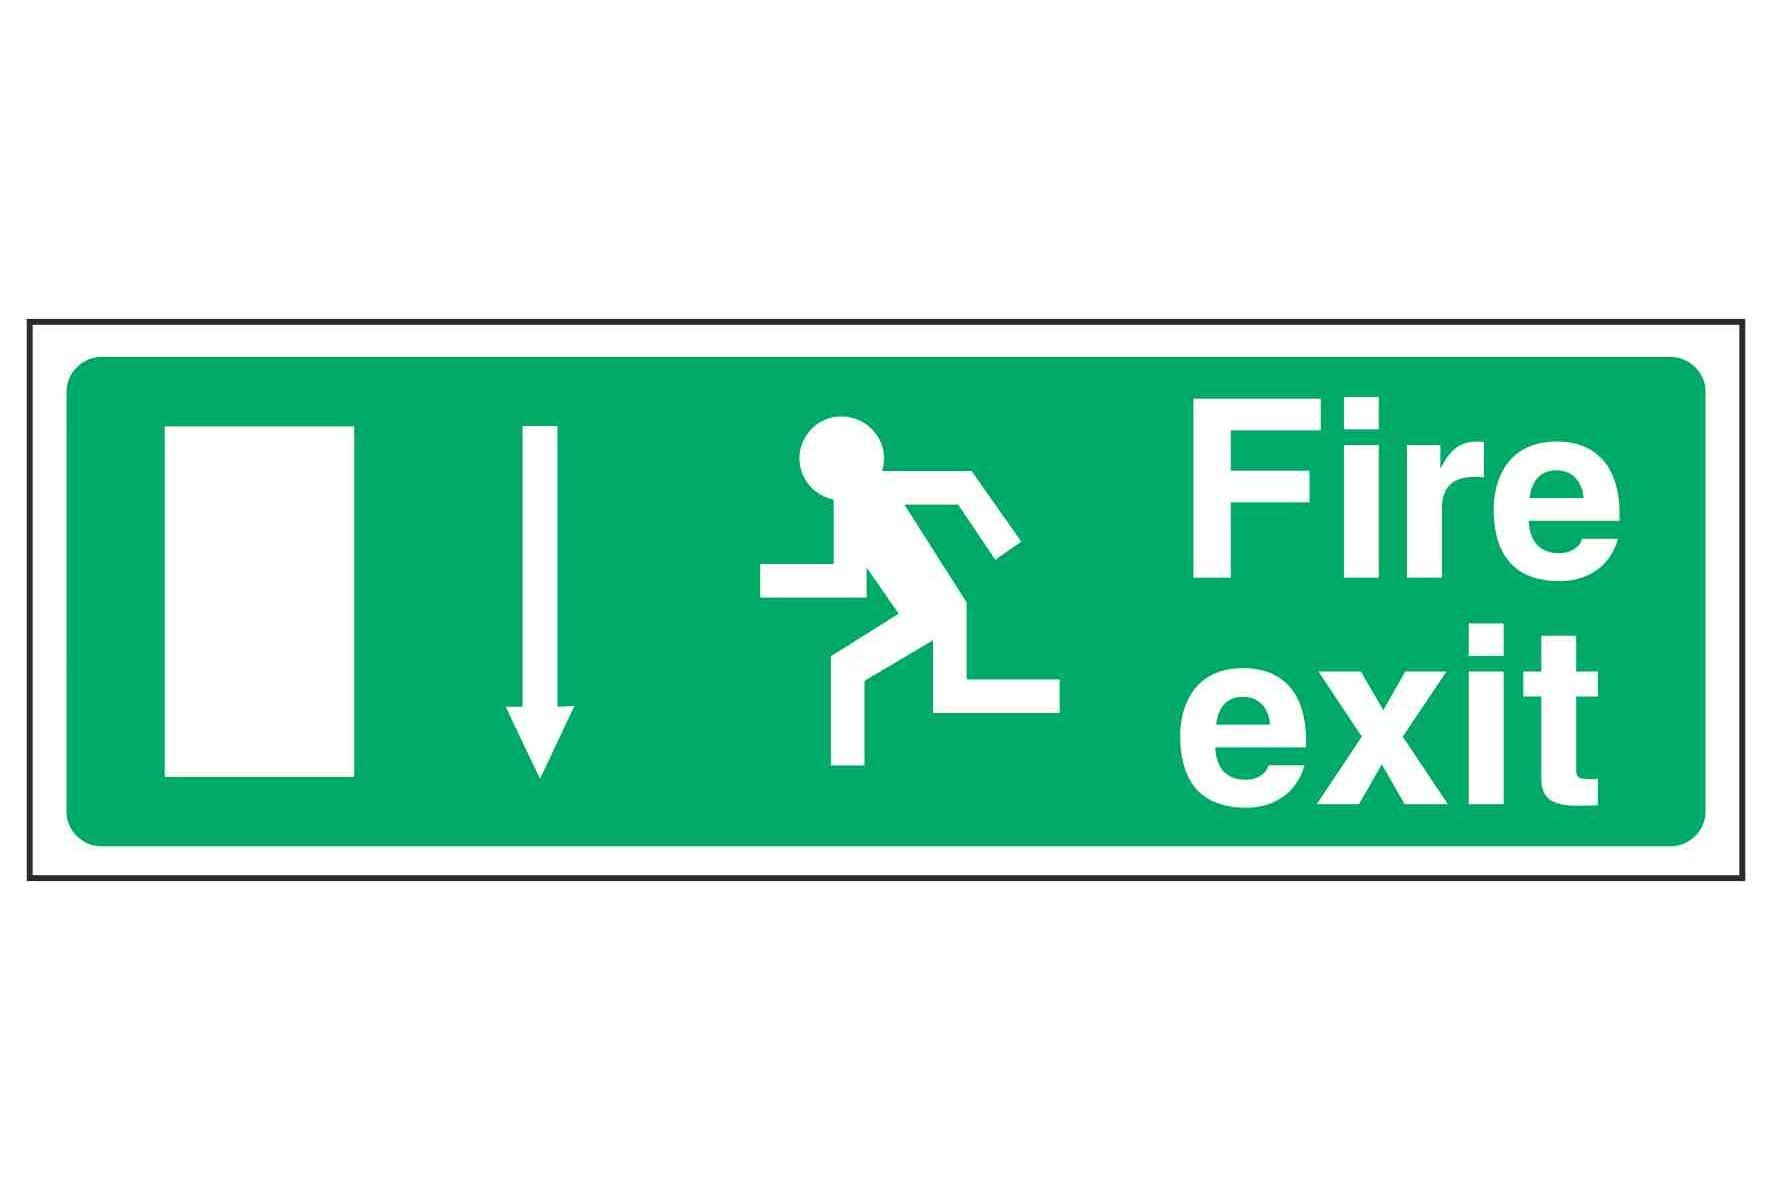 Fire exit / Running Man Left / Arrow Down - EEC 92/58